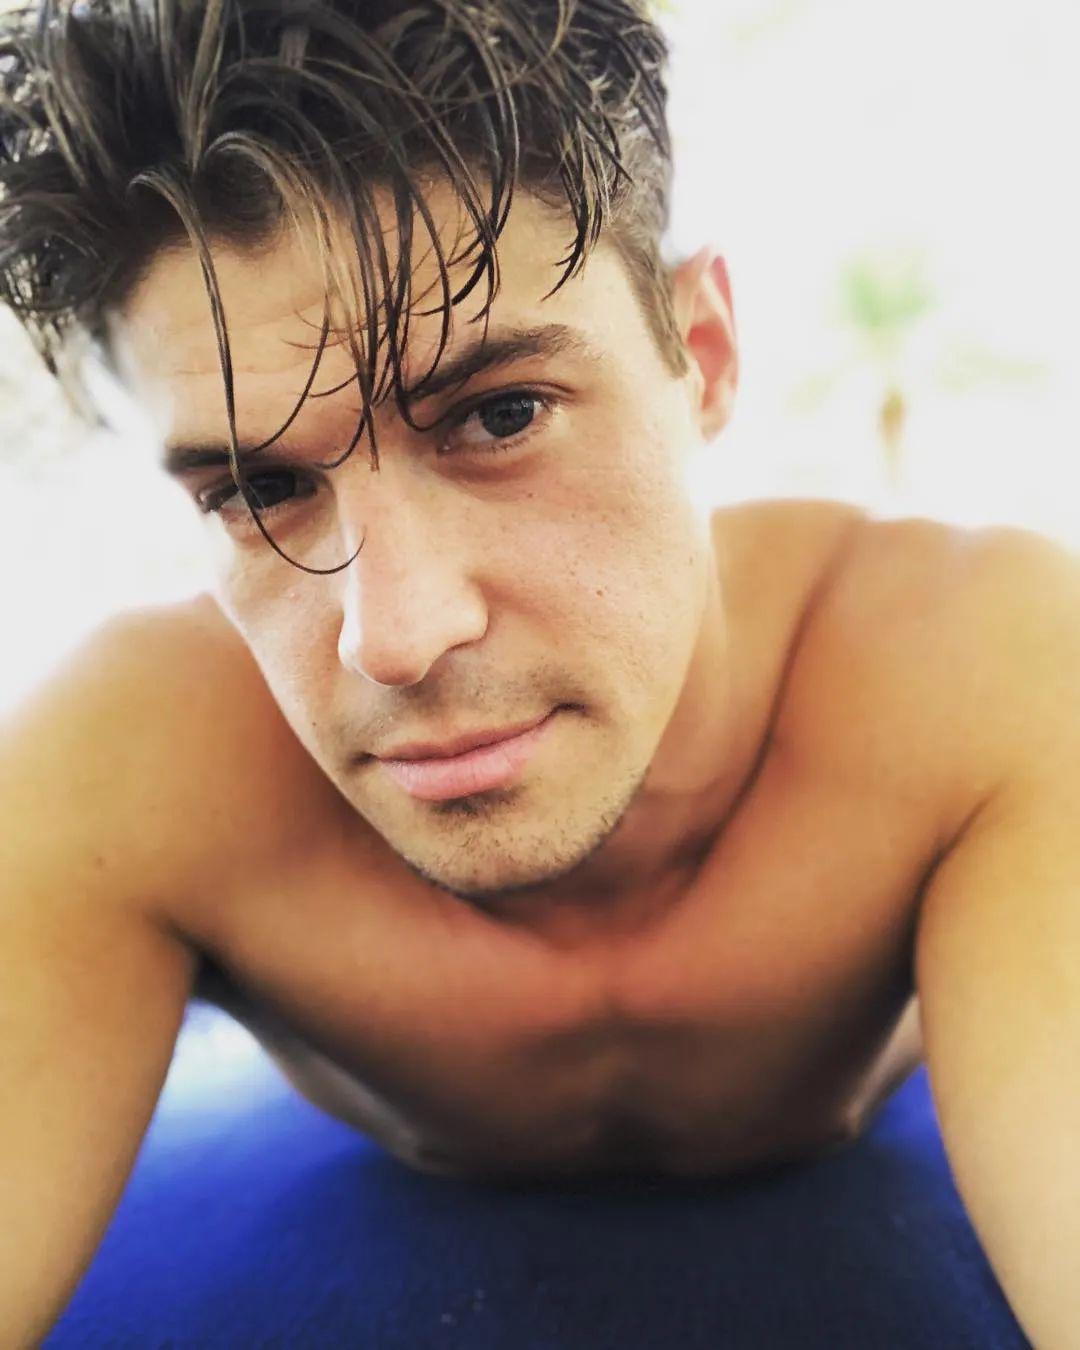 今年29岁的Zach Rance宣布出柜,曾参加美国老牌真人秀《老大哥》